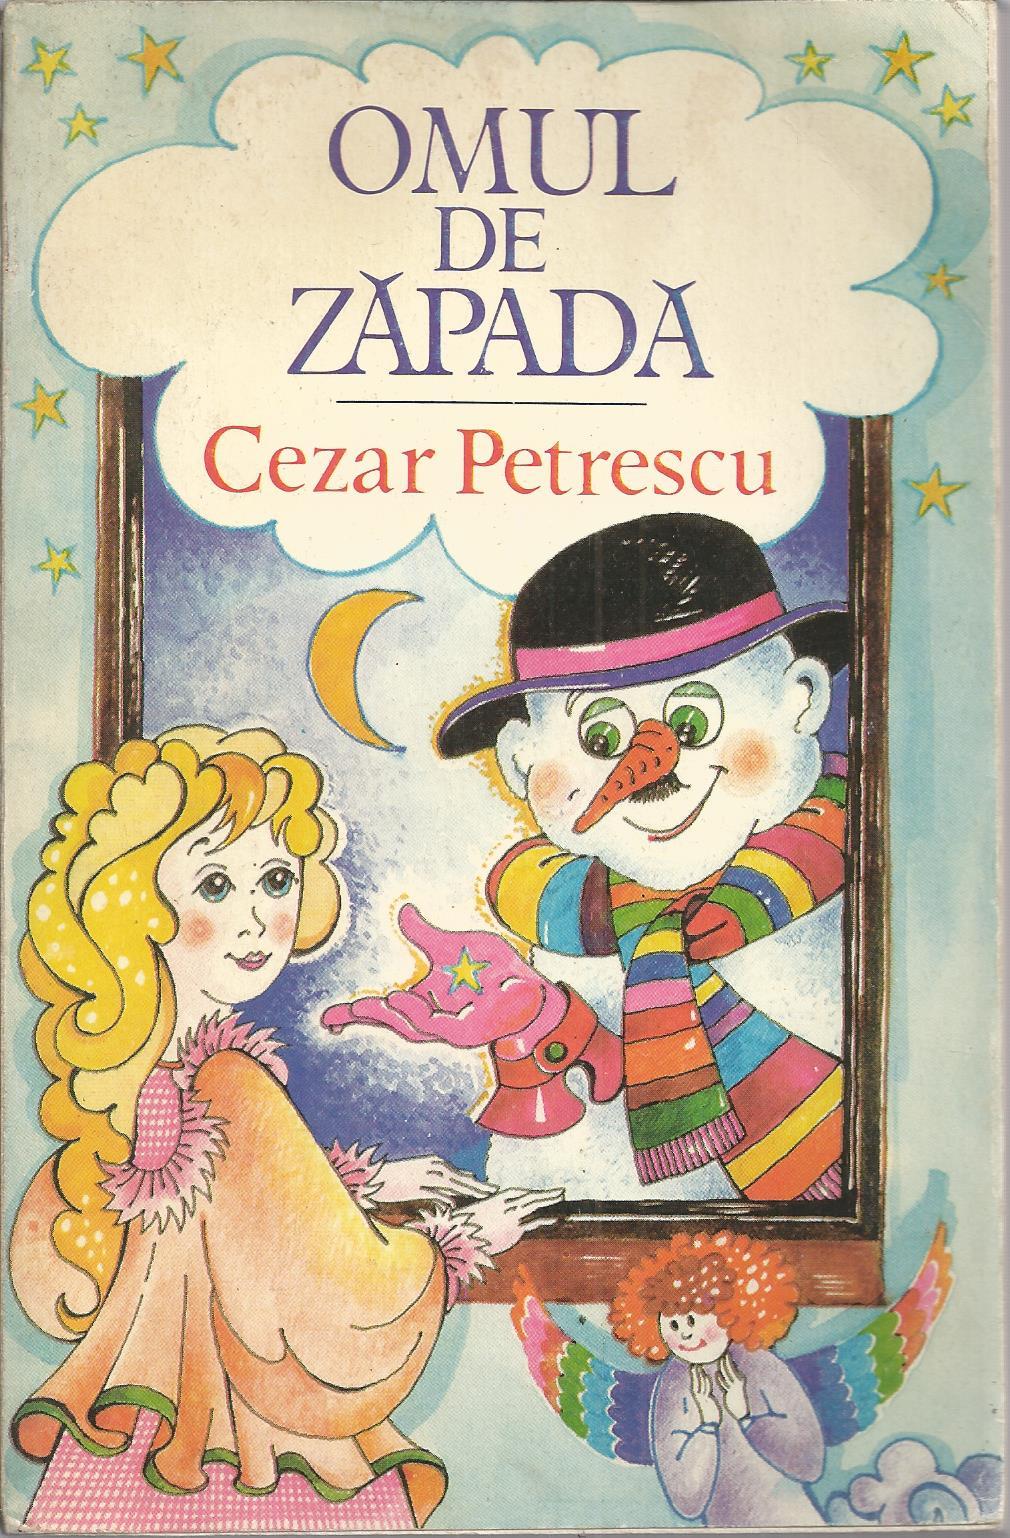 Omul De Zapada Carte.Omul De Zapada Cezar Petrescu